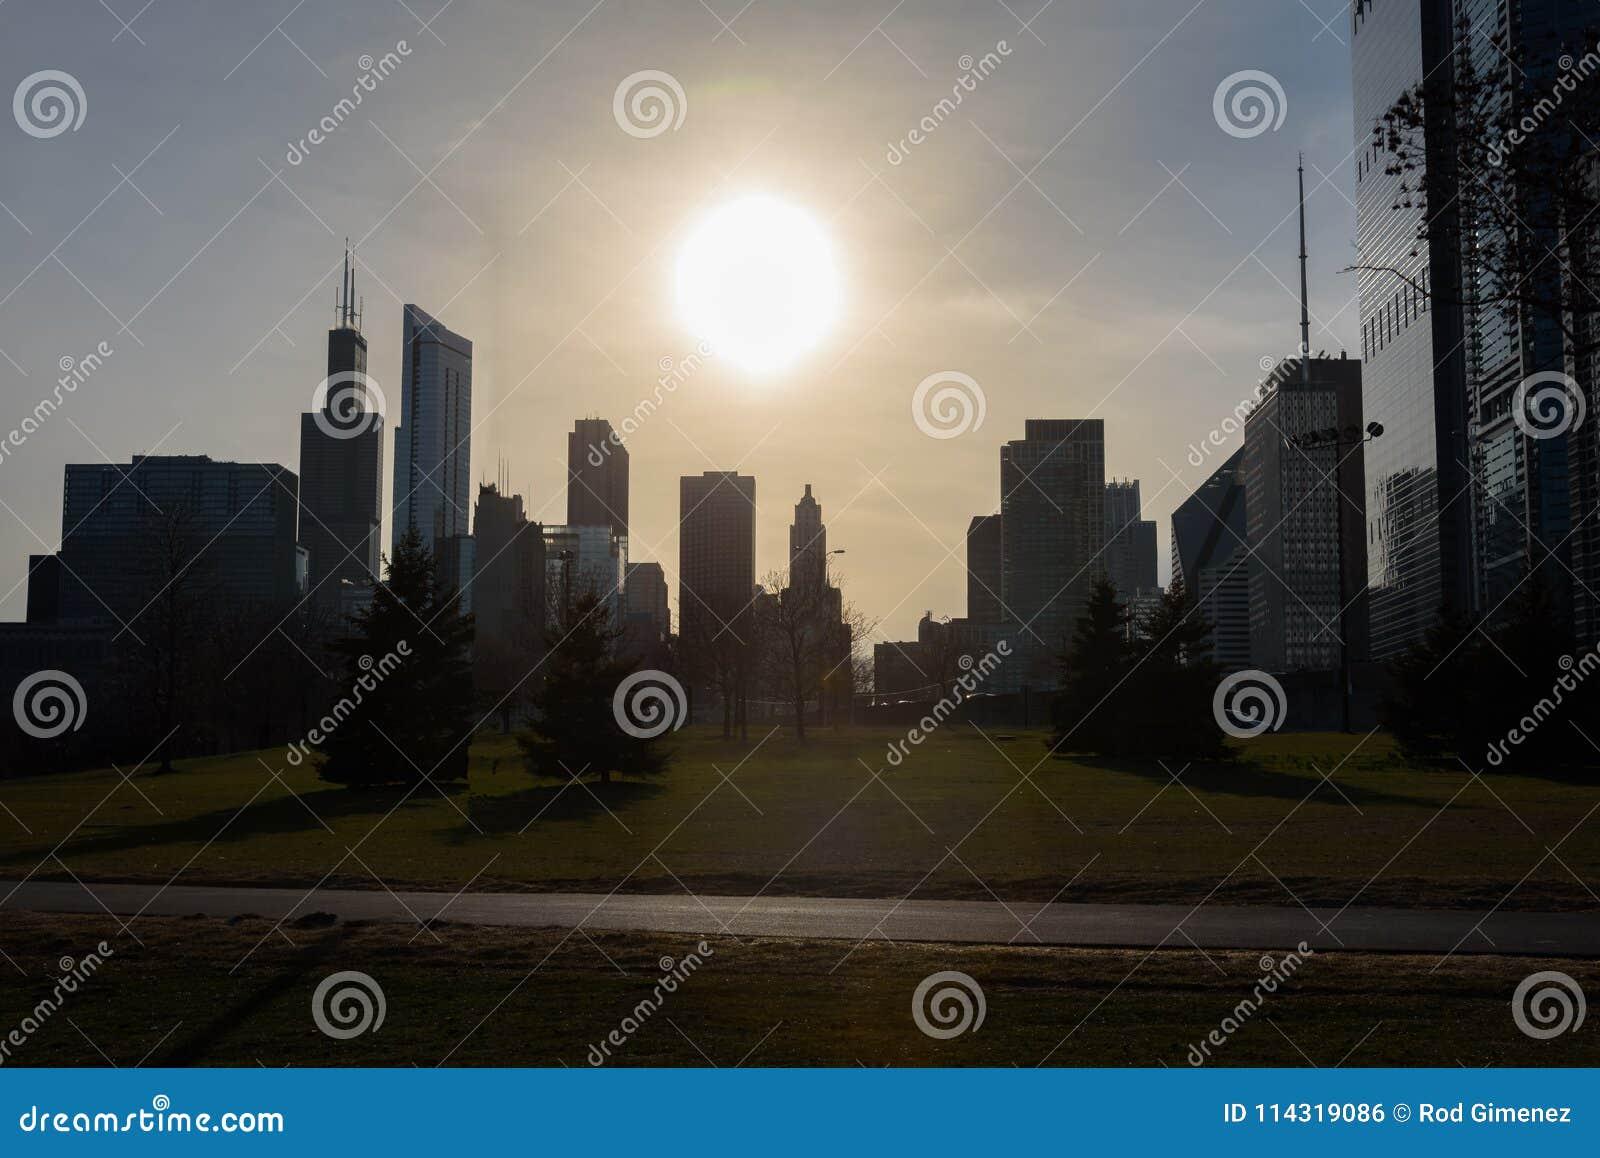 Silhouette du centre de Chicago tirée pendant le coucher du soleil